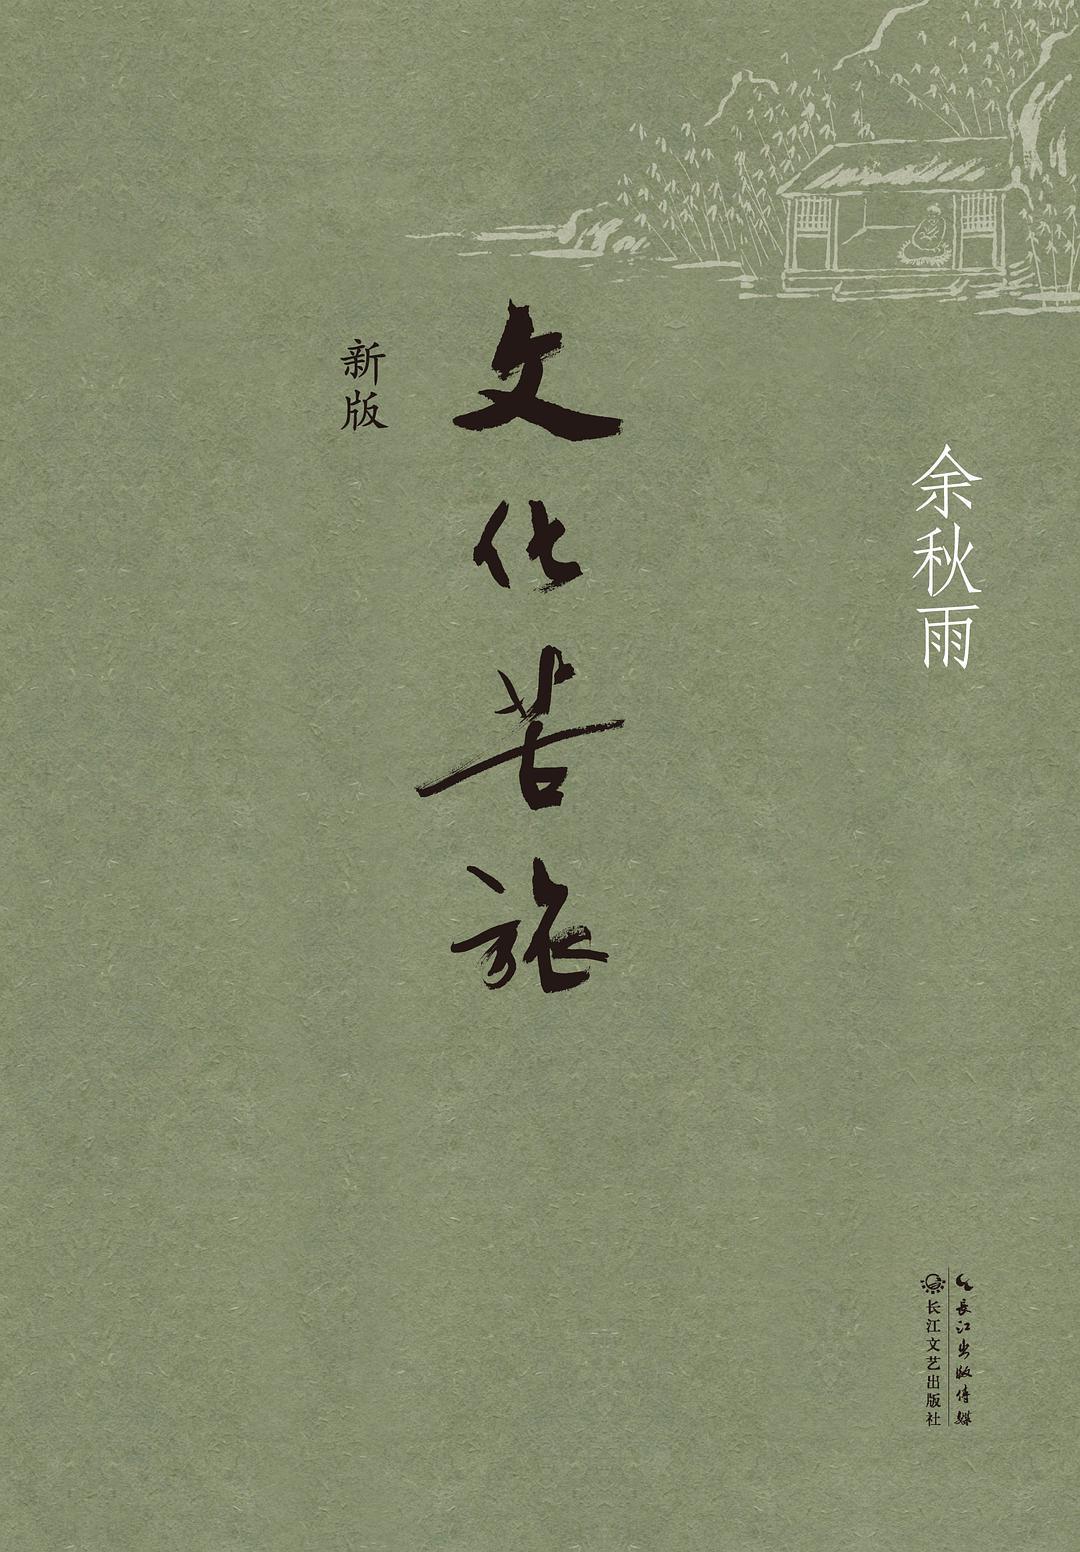 文化苦旅-好书天下